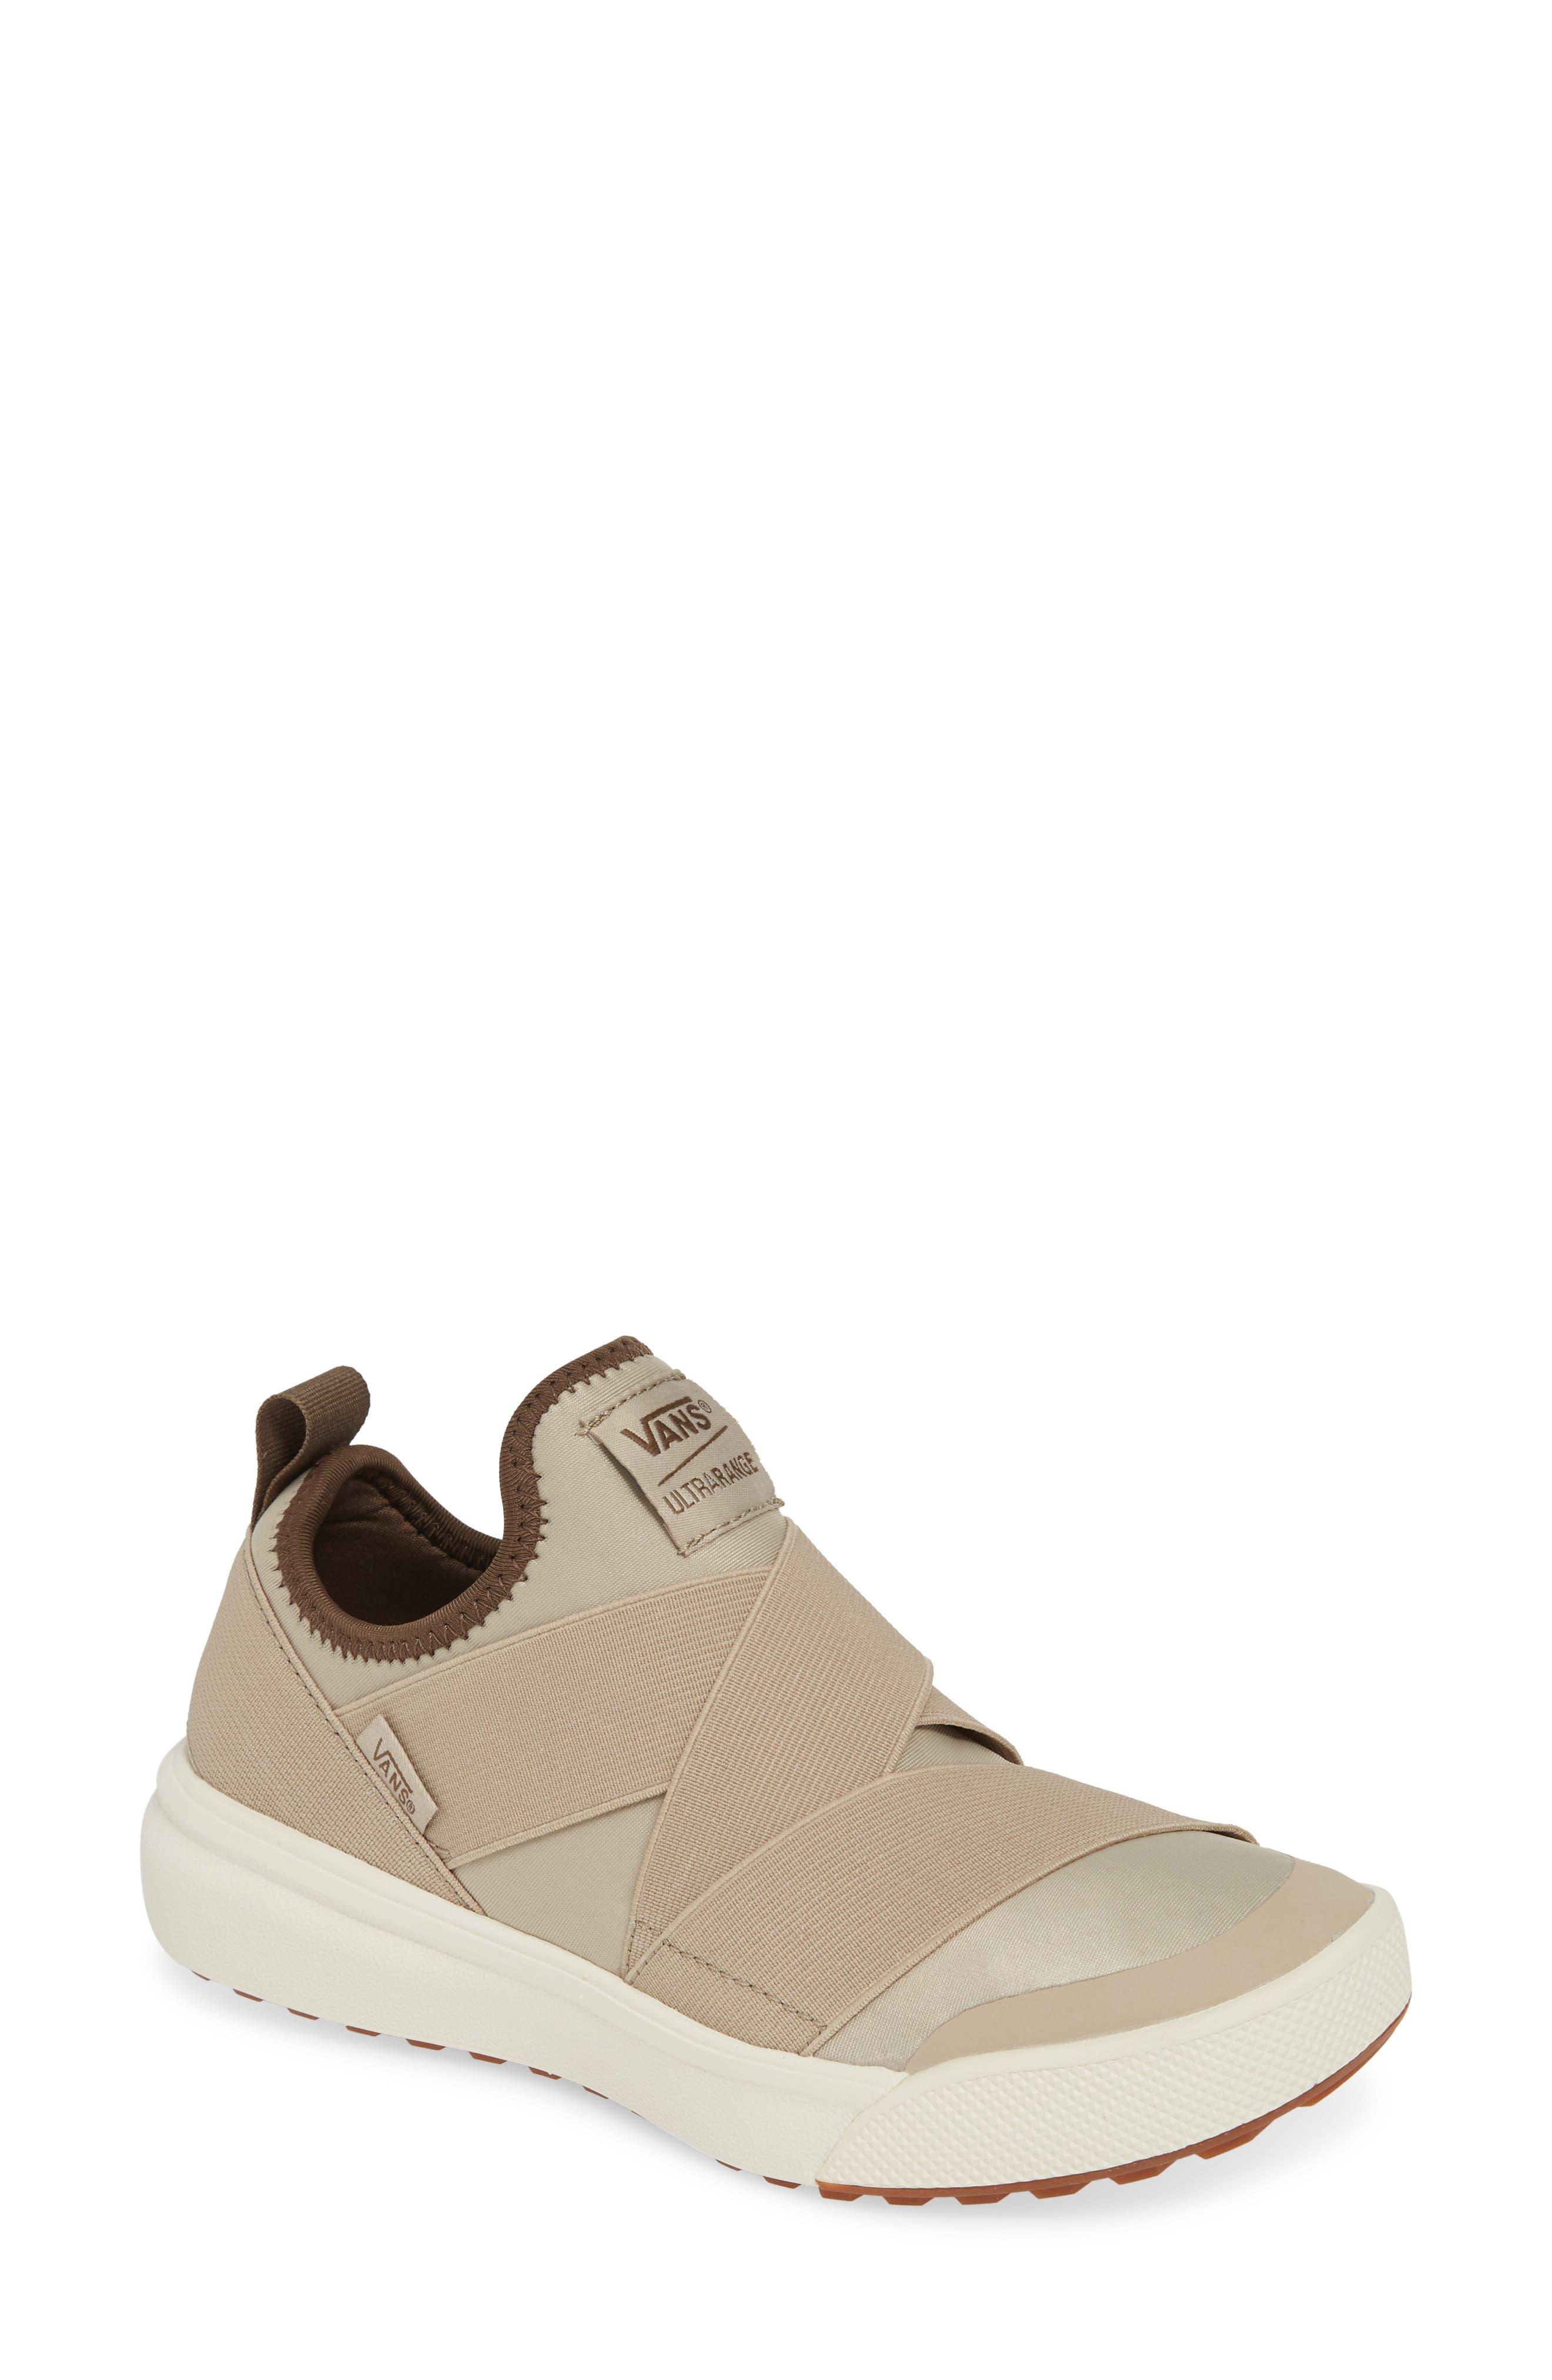 Vans UltraRange Gore Slip-On Sneaker